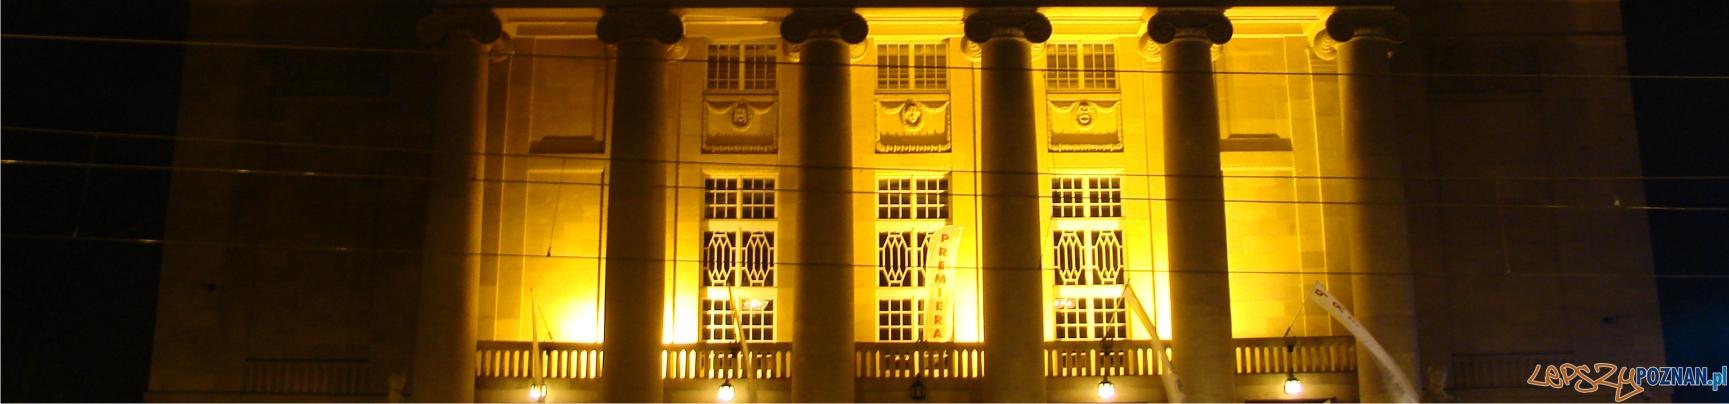 panorama opera  Foto: lepszyPOZNAN.pl / ag